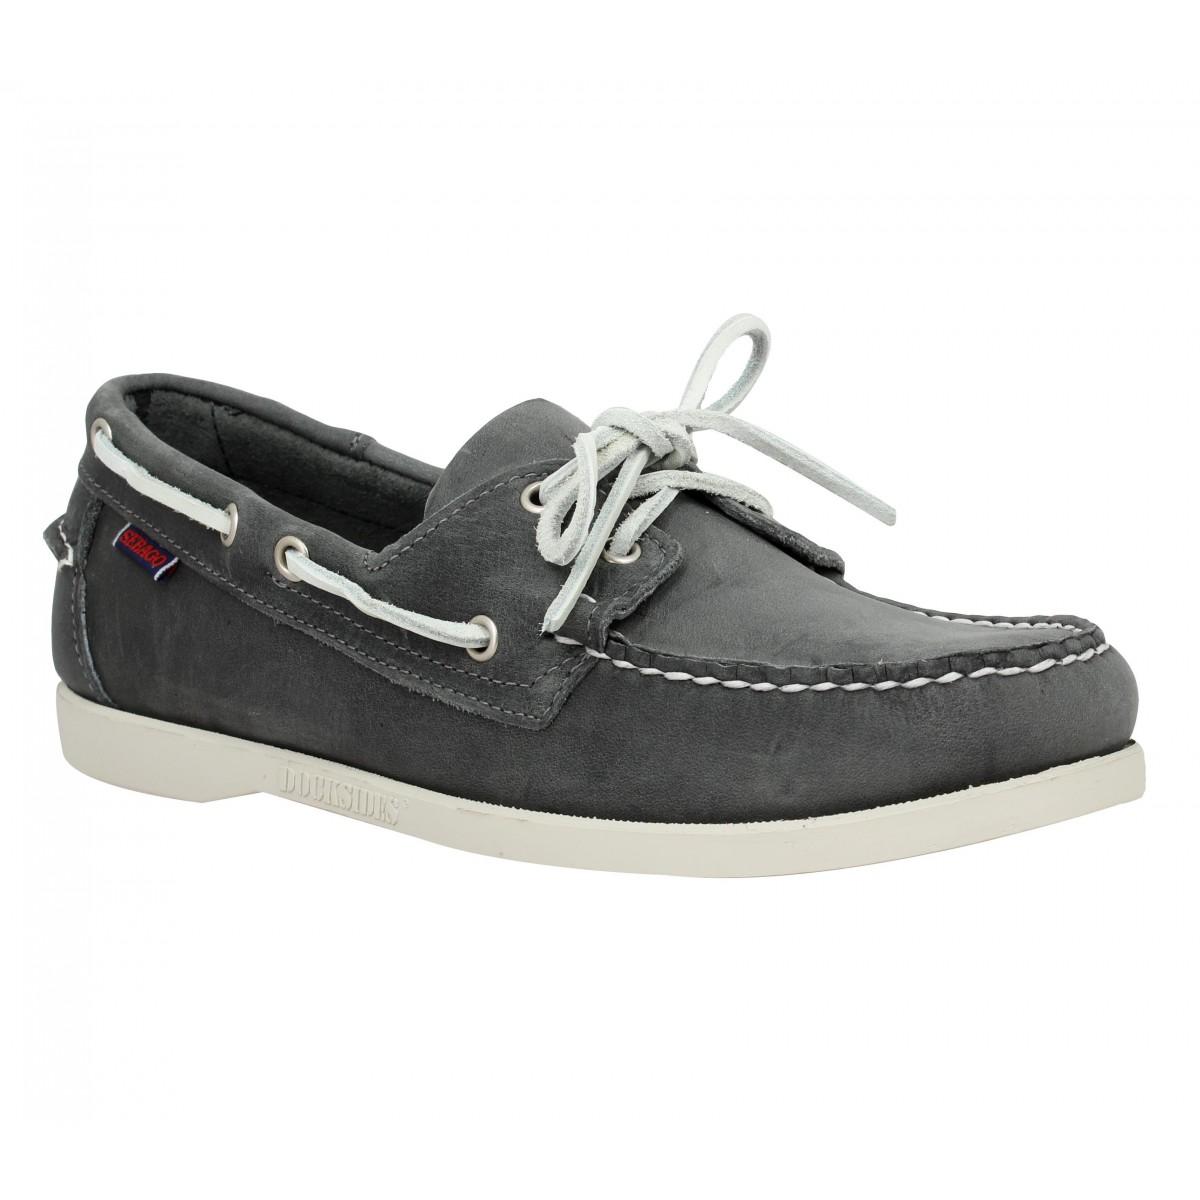 Chaussures bateaux SEBAGO Docksides velours Homme Gris